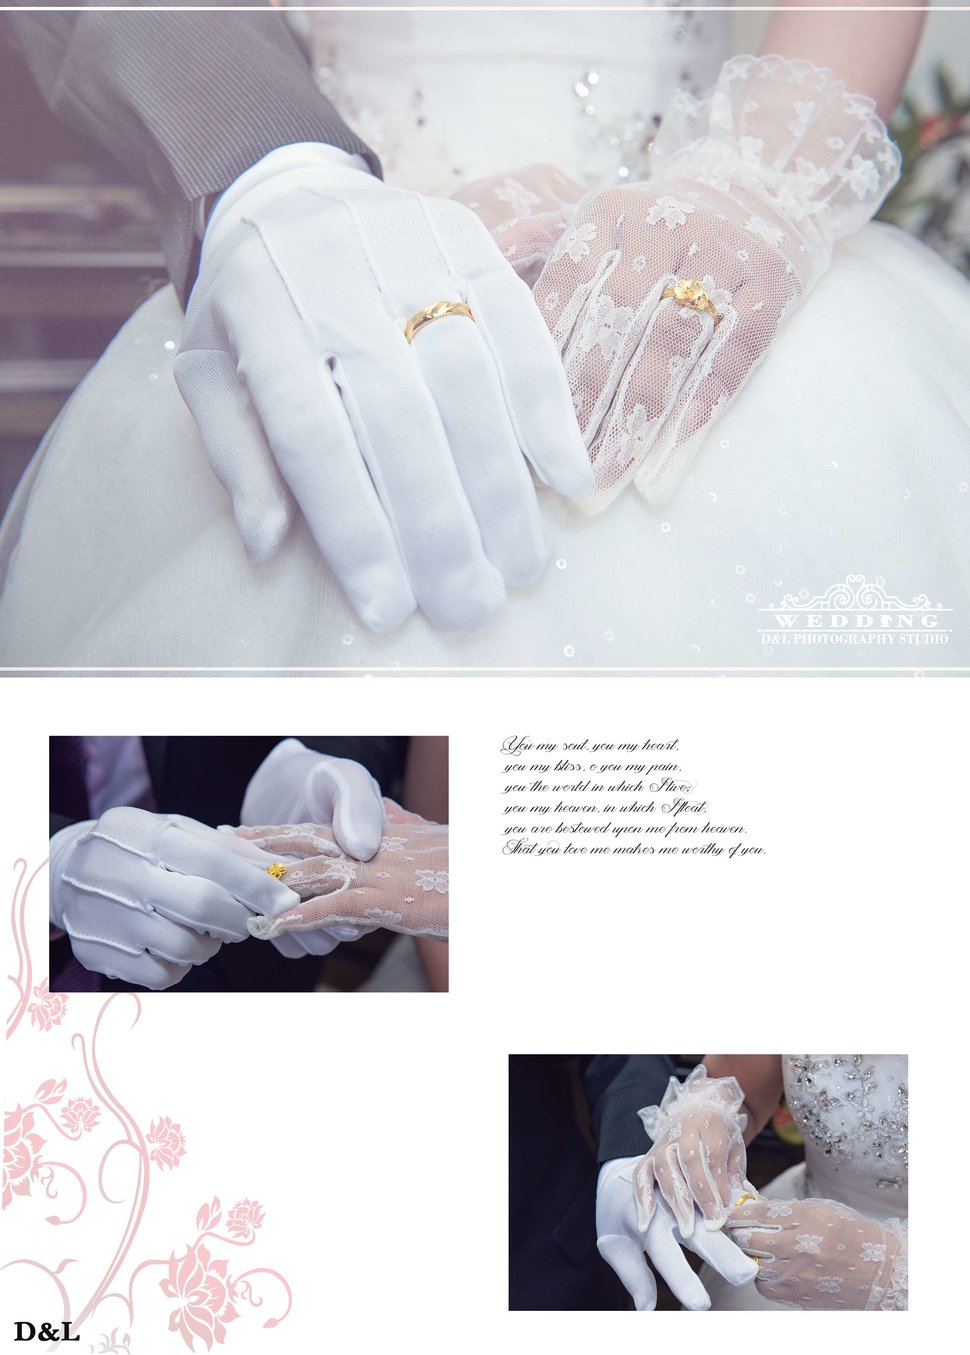 婚禮記錄 錦全&昀臻(編號:6099) - D&L 婚禮事務-婚紗攝影/婚禮記錄 - 結婚吧一站式婚禮服務平台